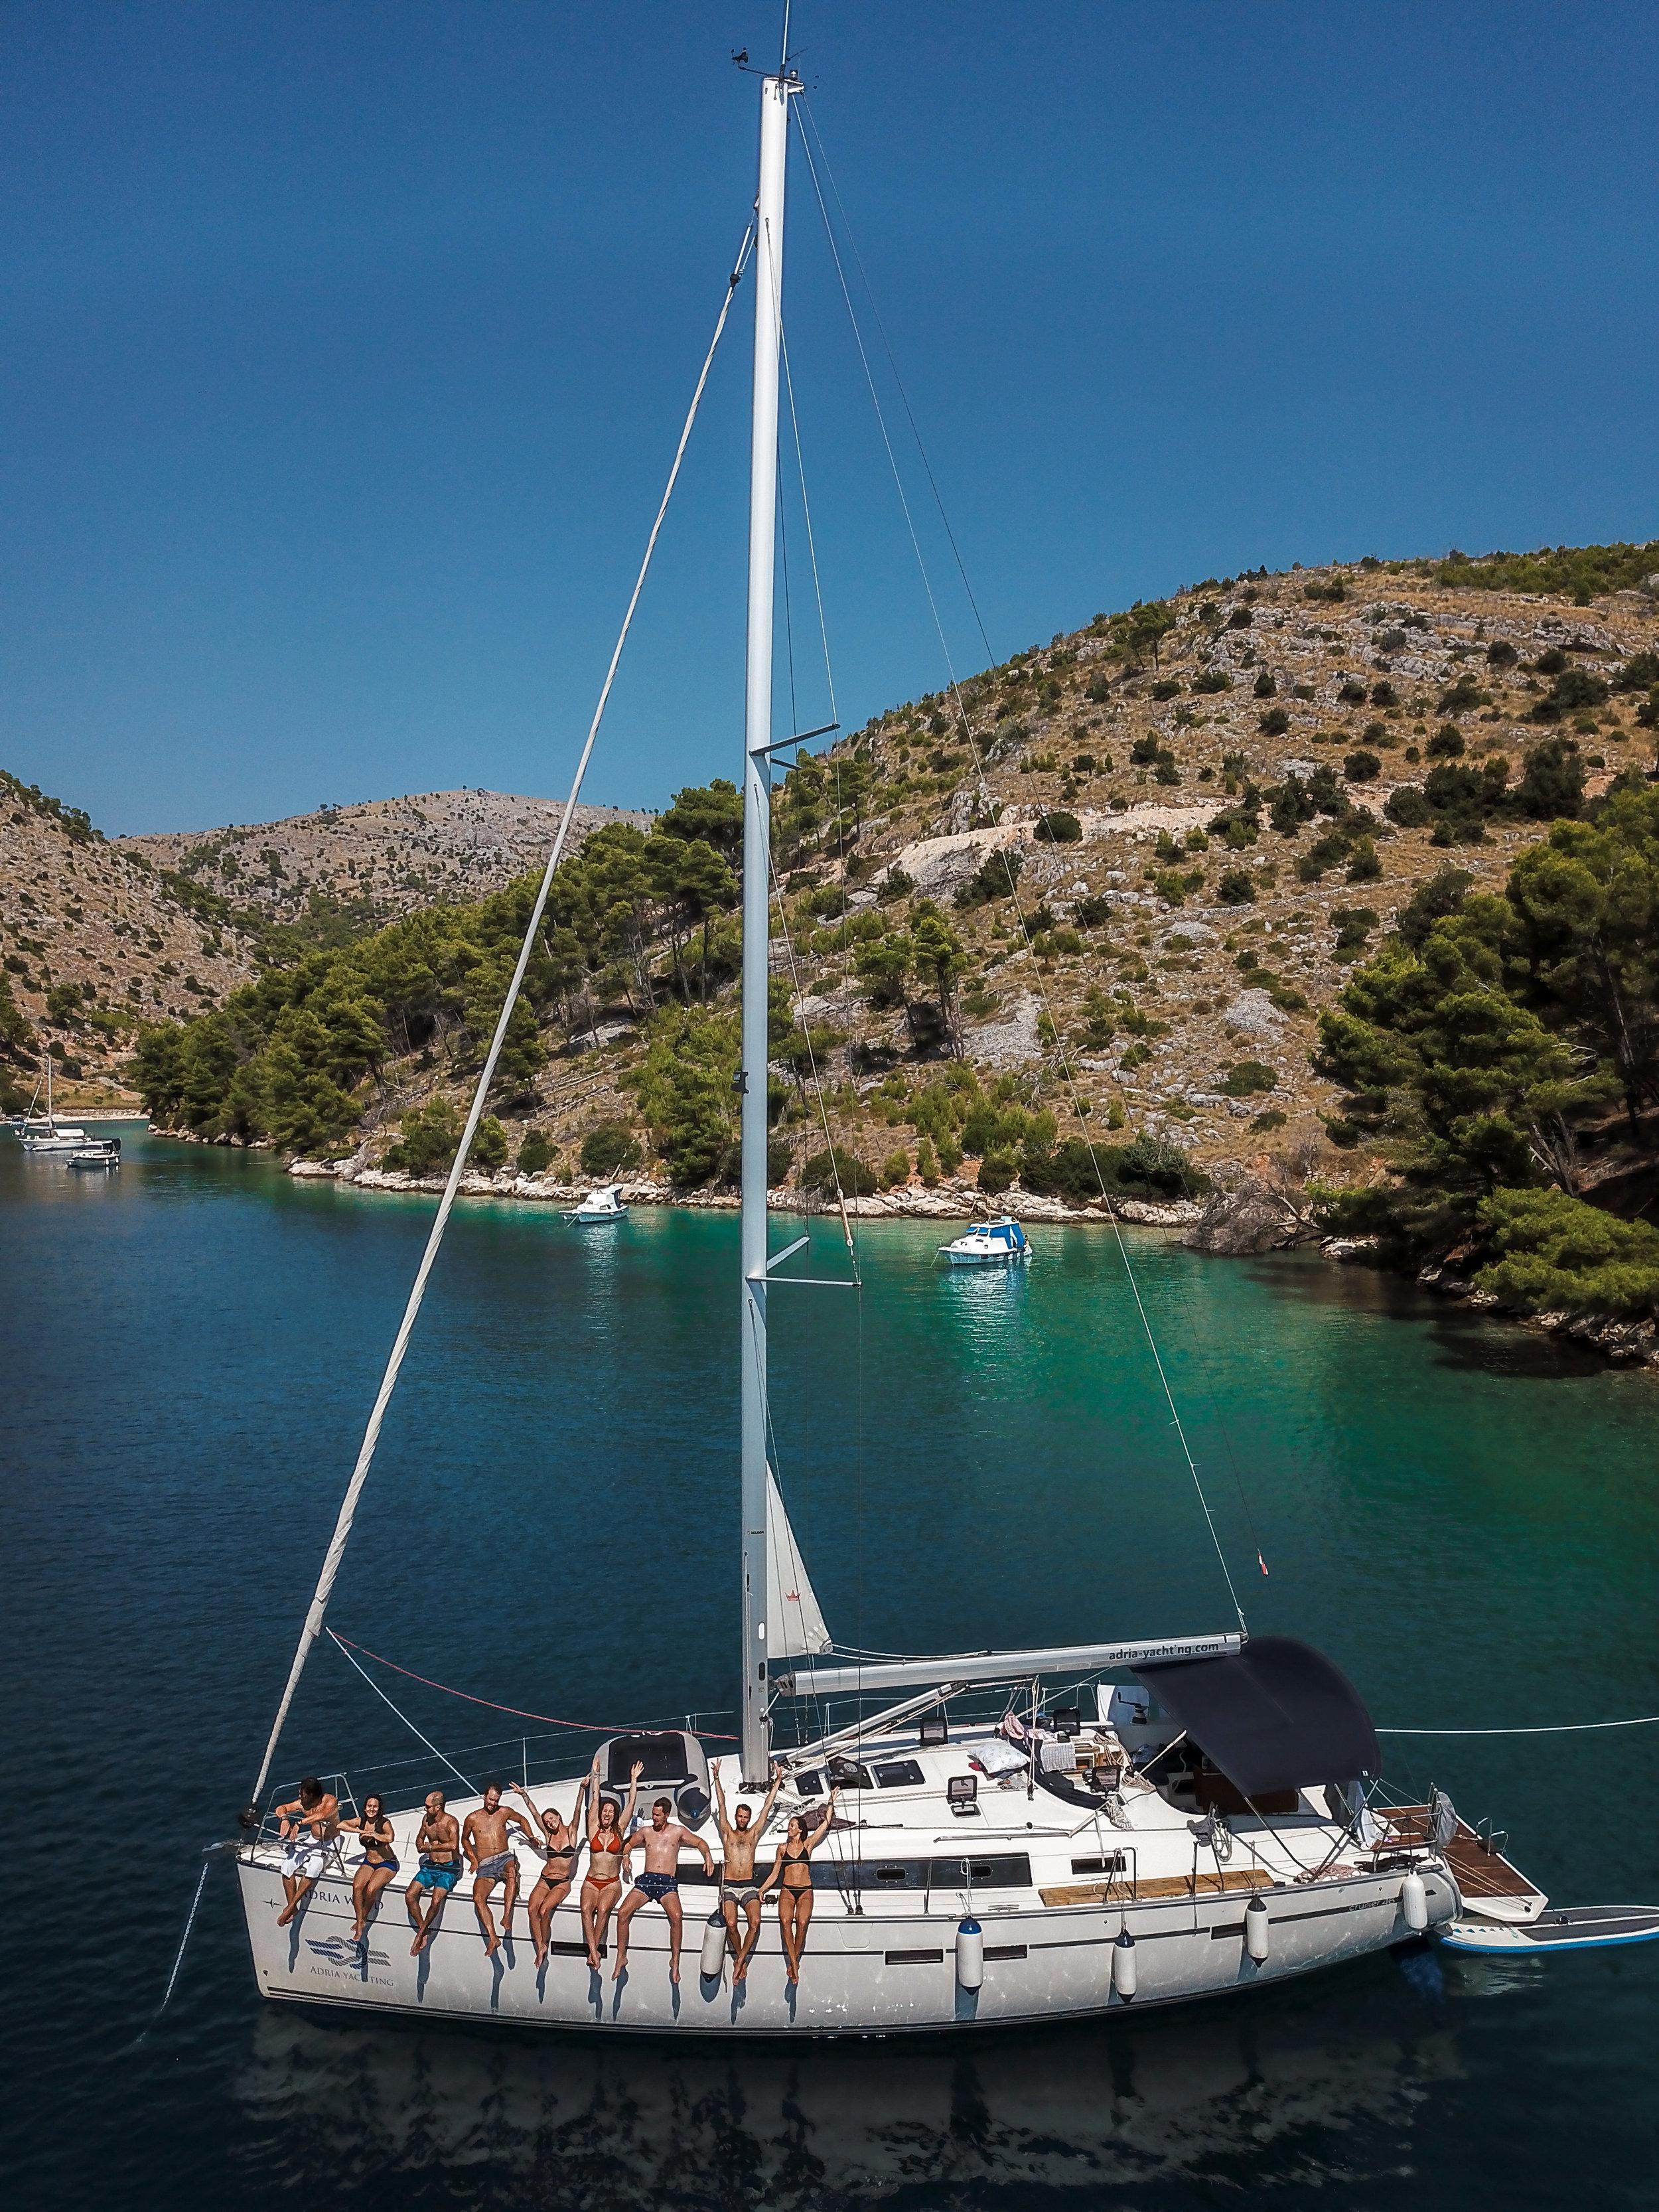 Sailweek Croatia - Uvala Smrka - Brac Island